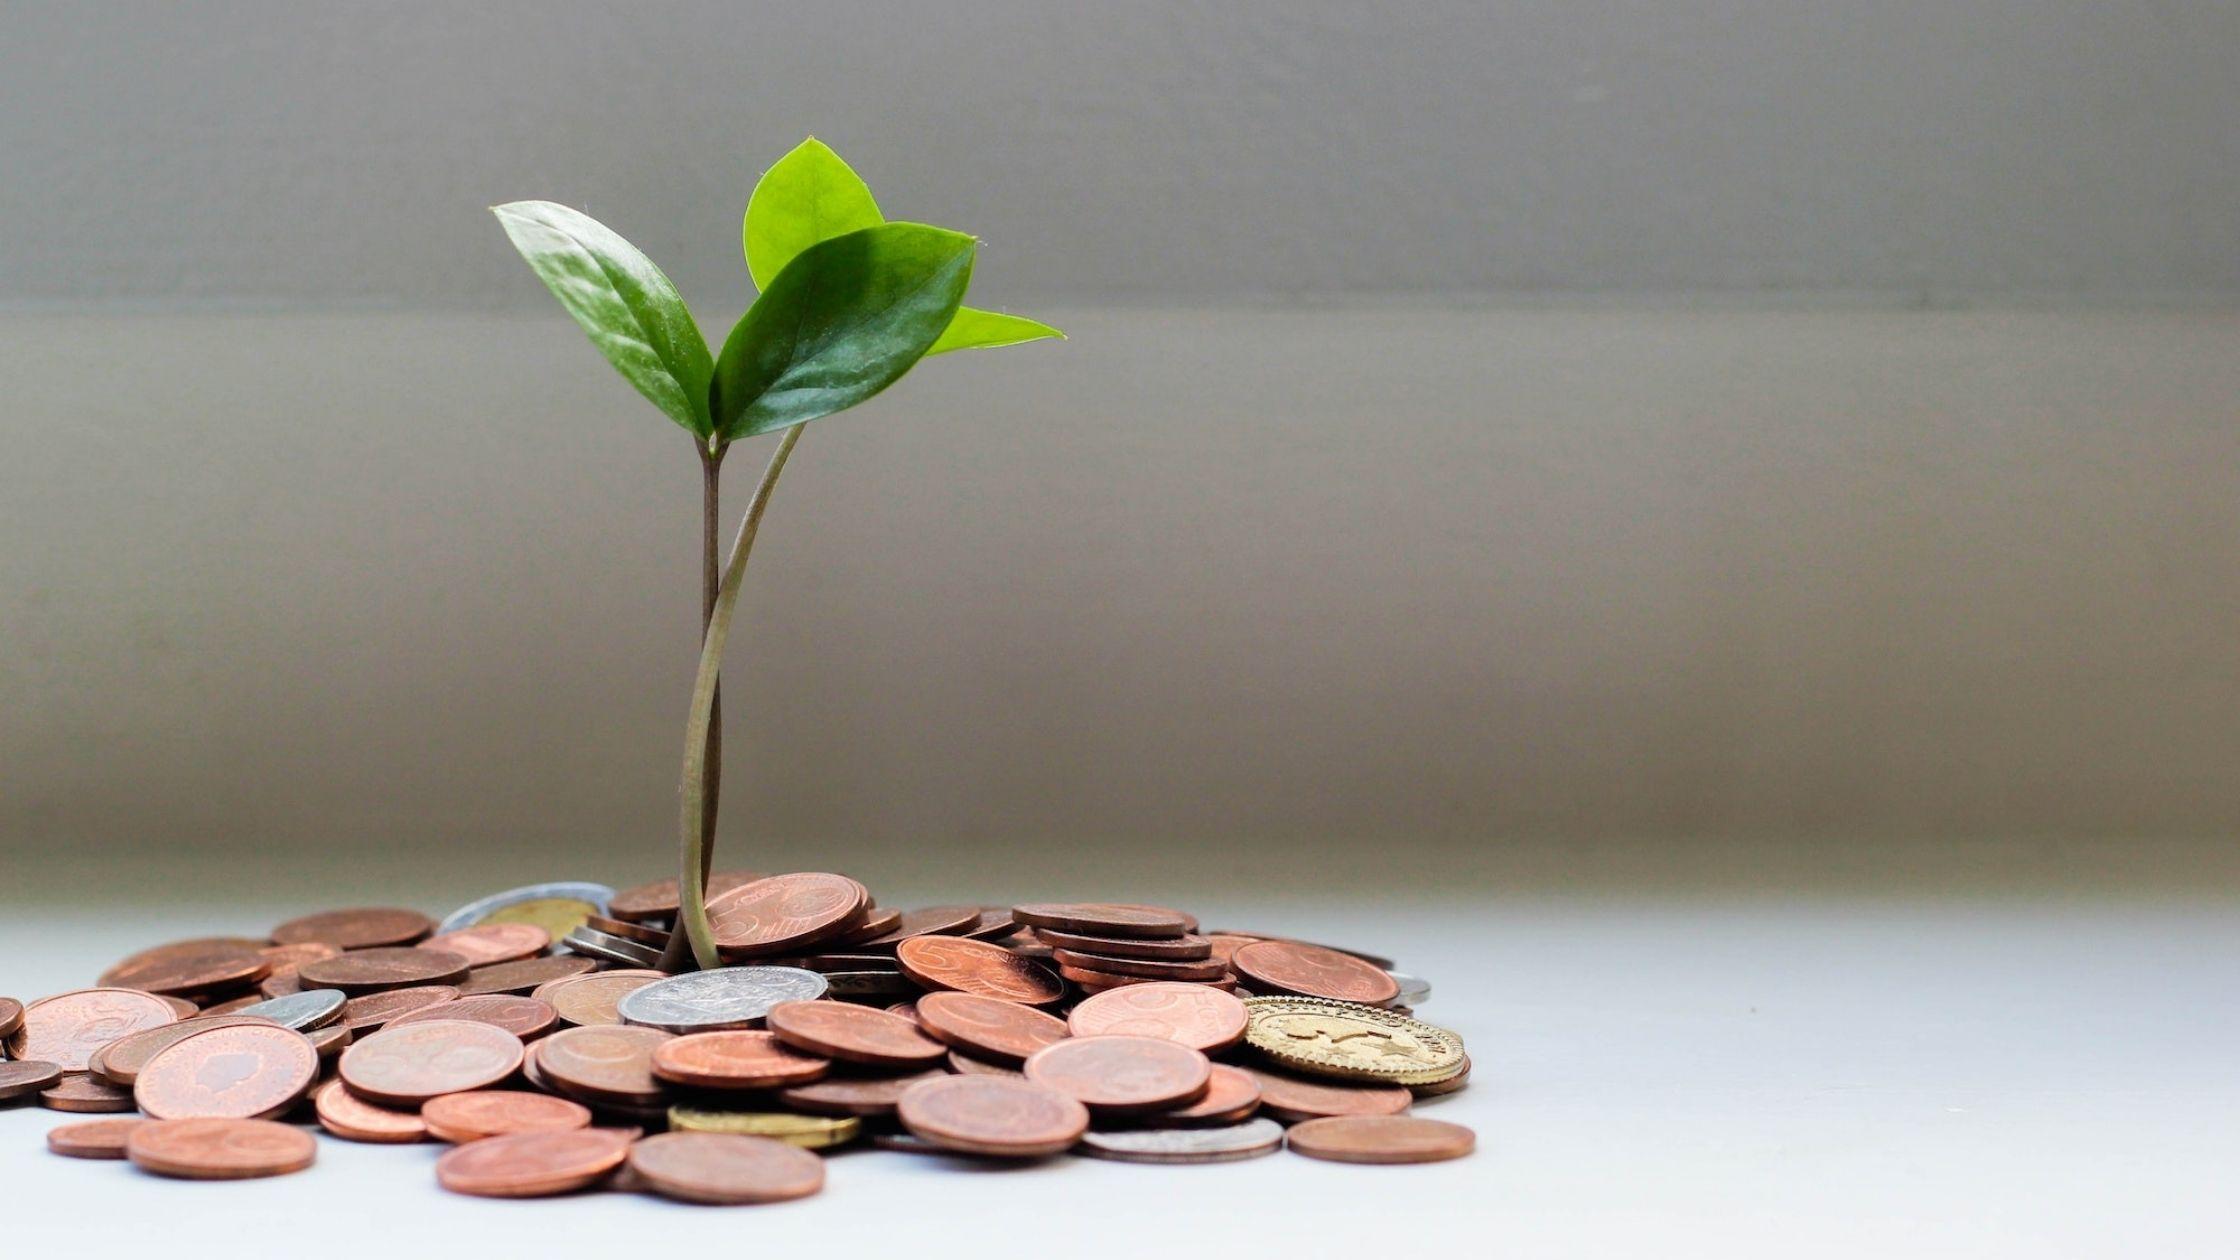 Come risparmiare: 4 metodi pratici per gestire i tuoi soldi con saggezza